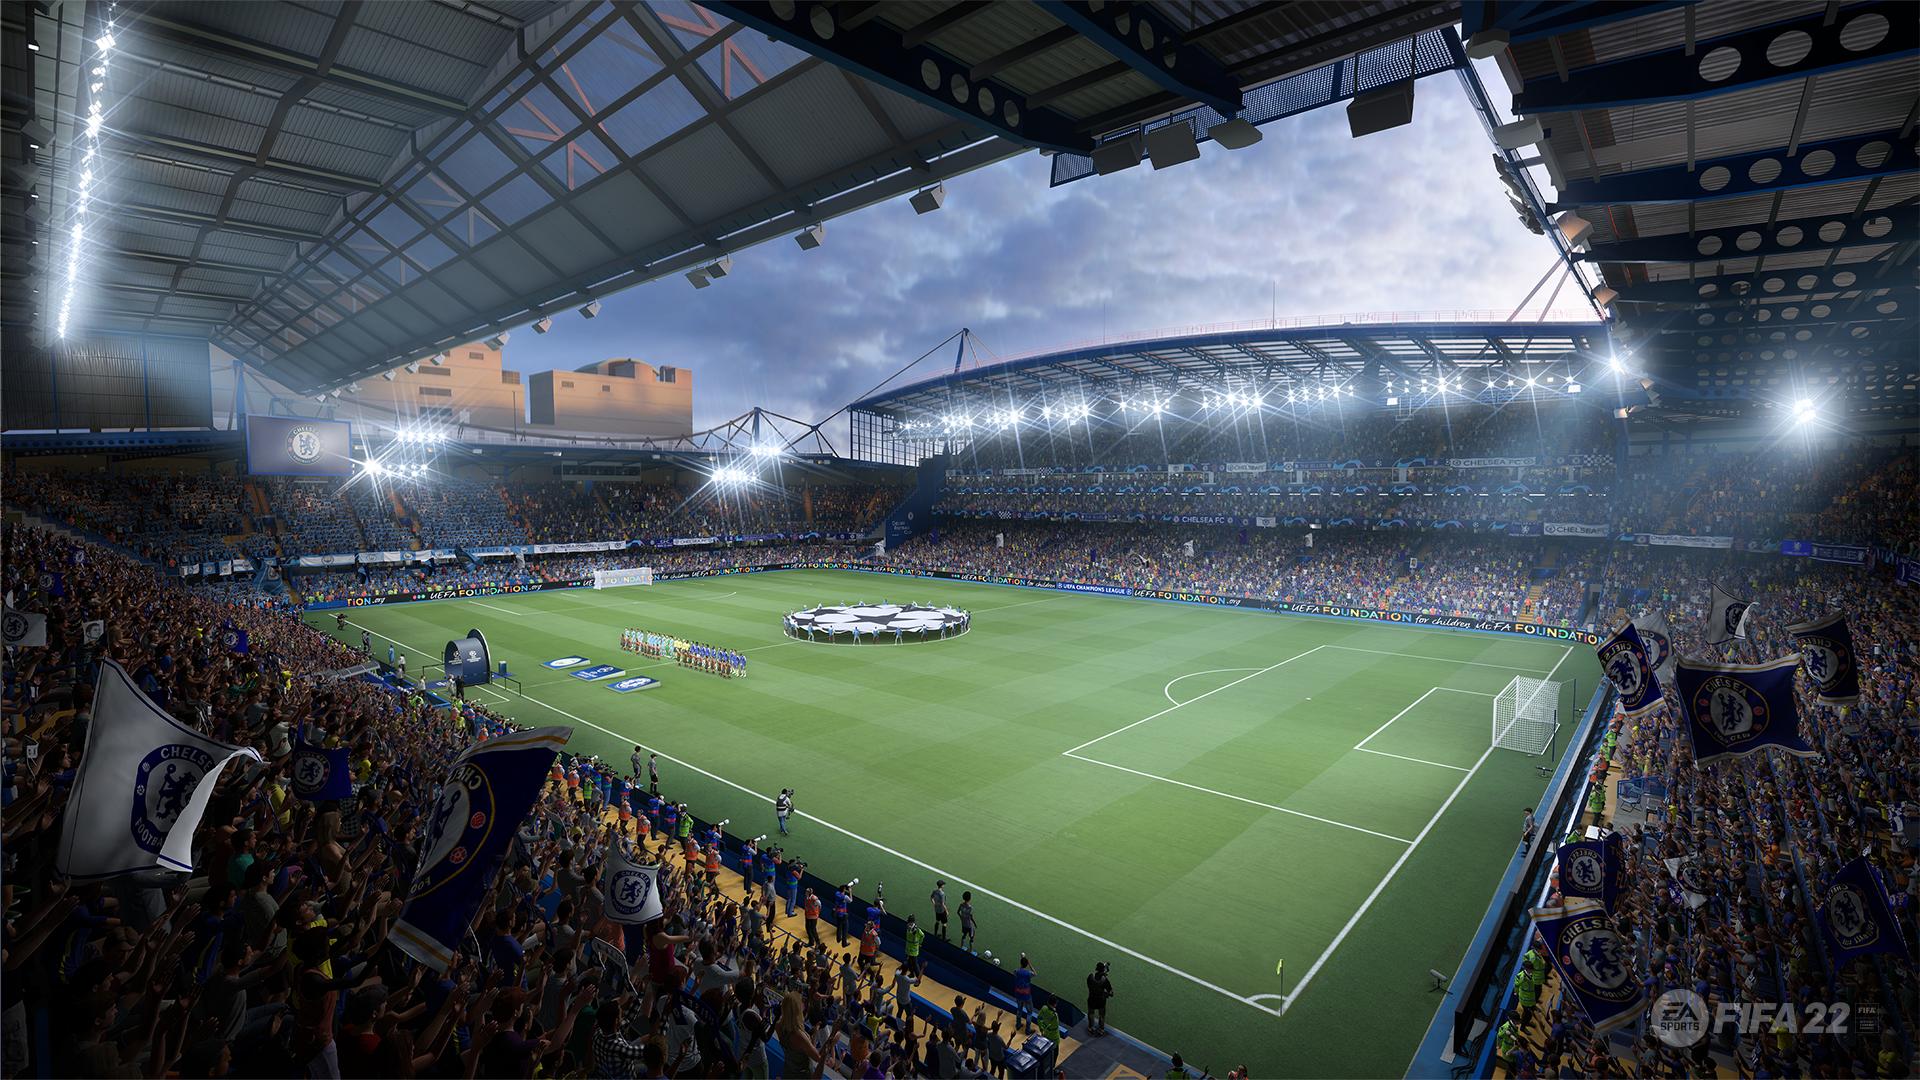 Im Karrieremodus von FIFA 22 könnt ihr euren eigenen Verein gründen